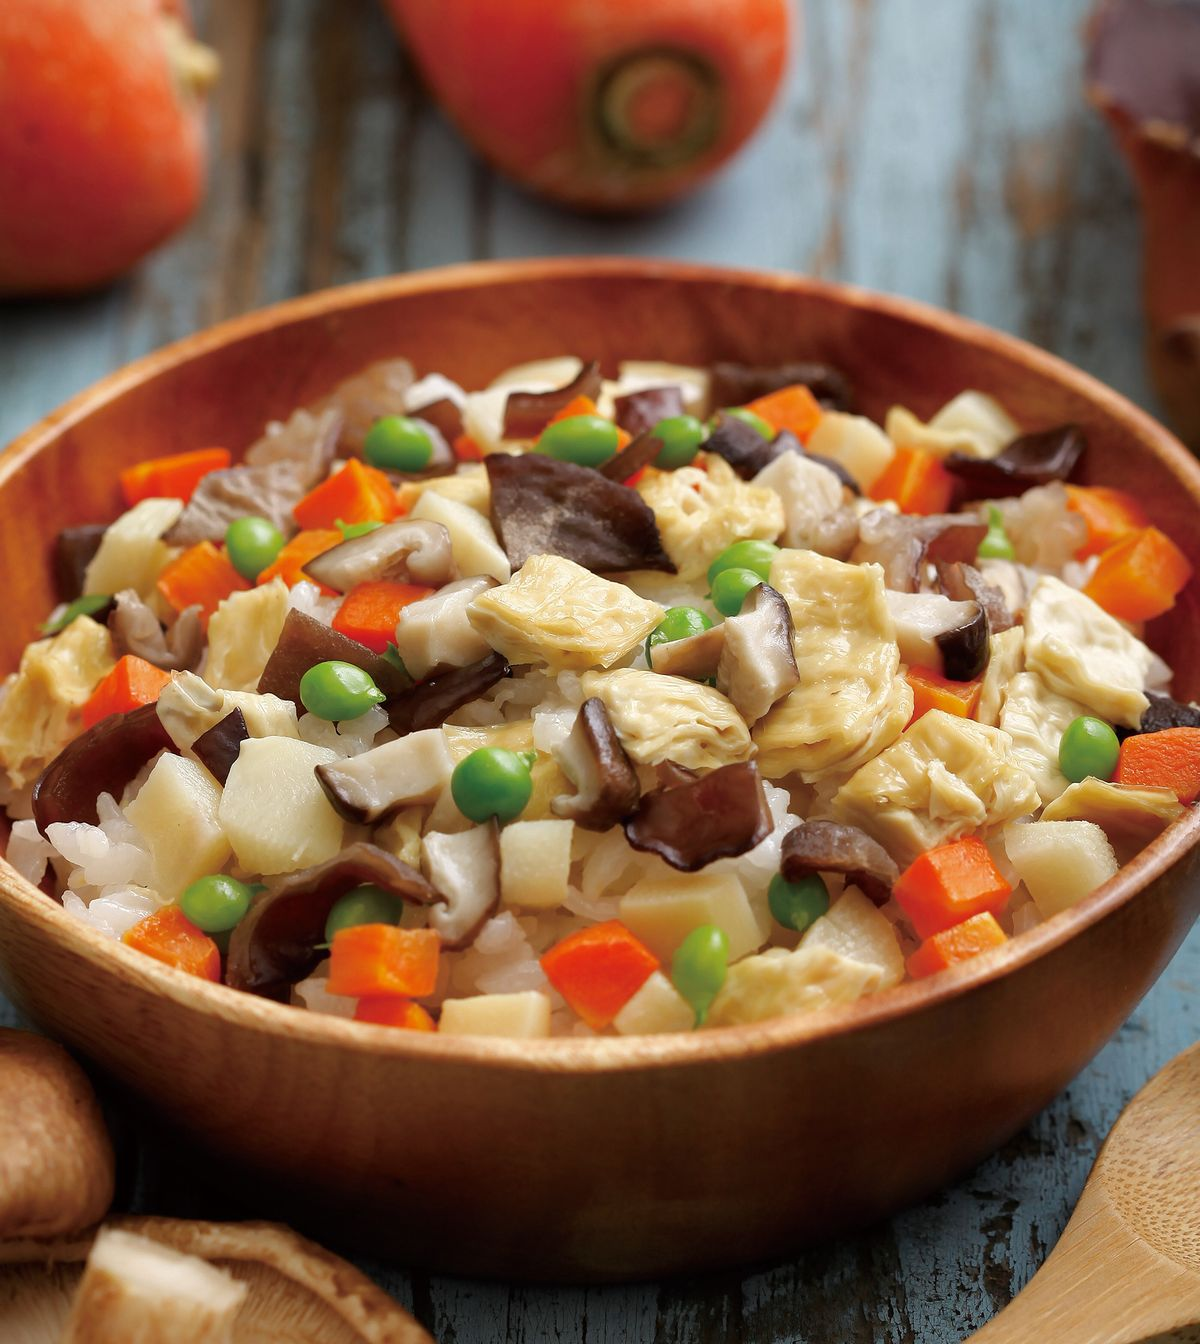 食譜:鮮蔬炊飯